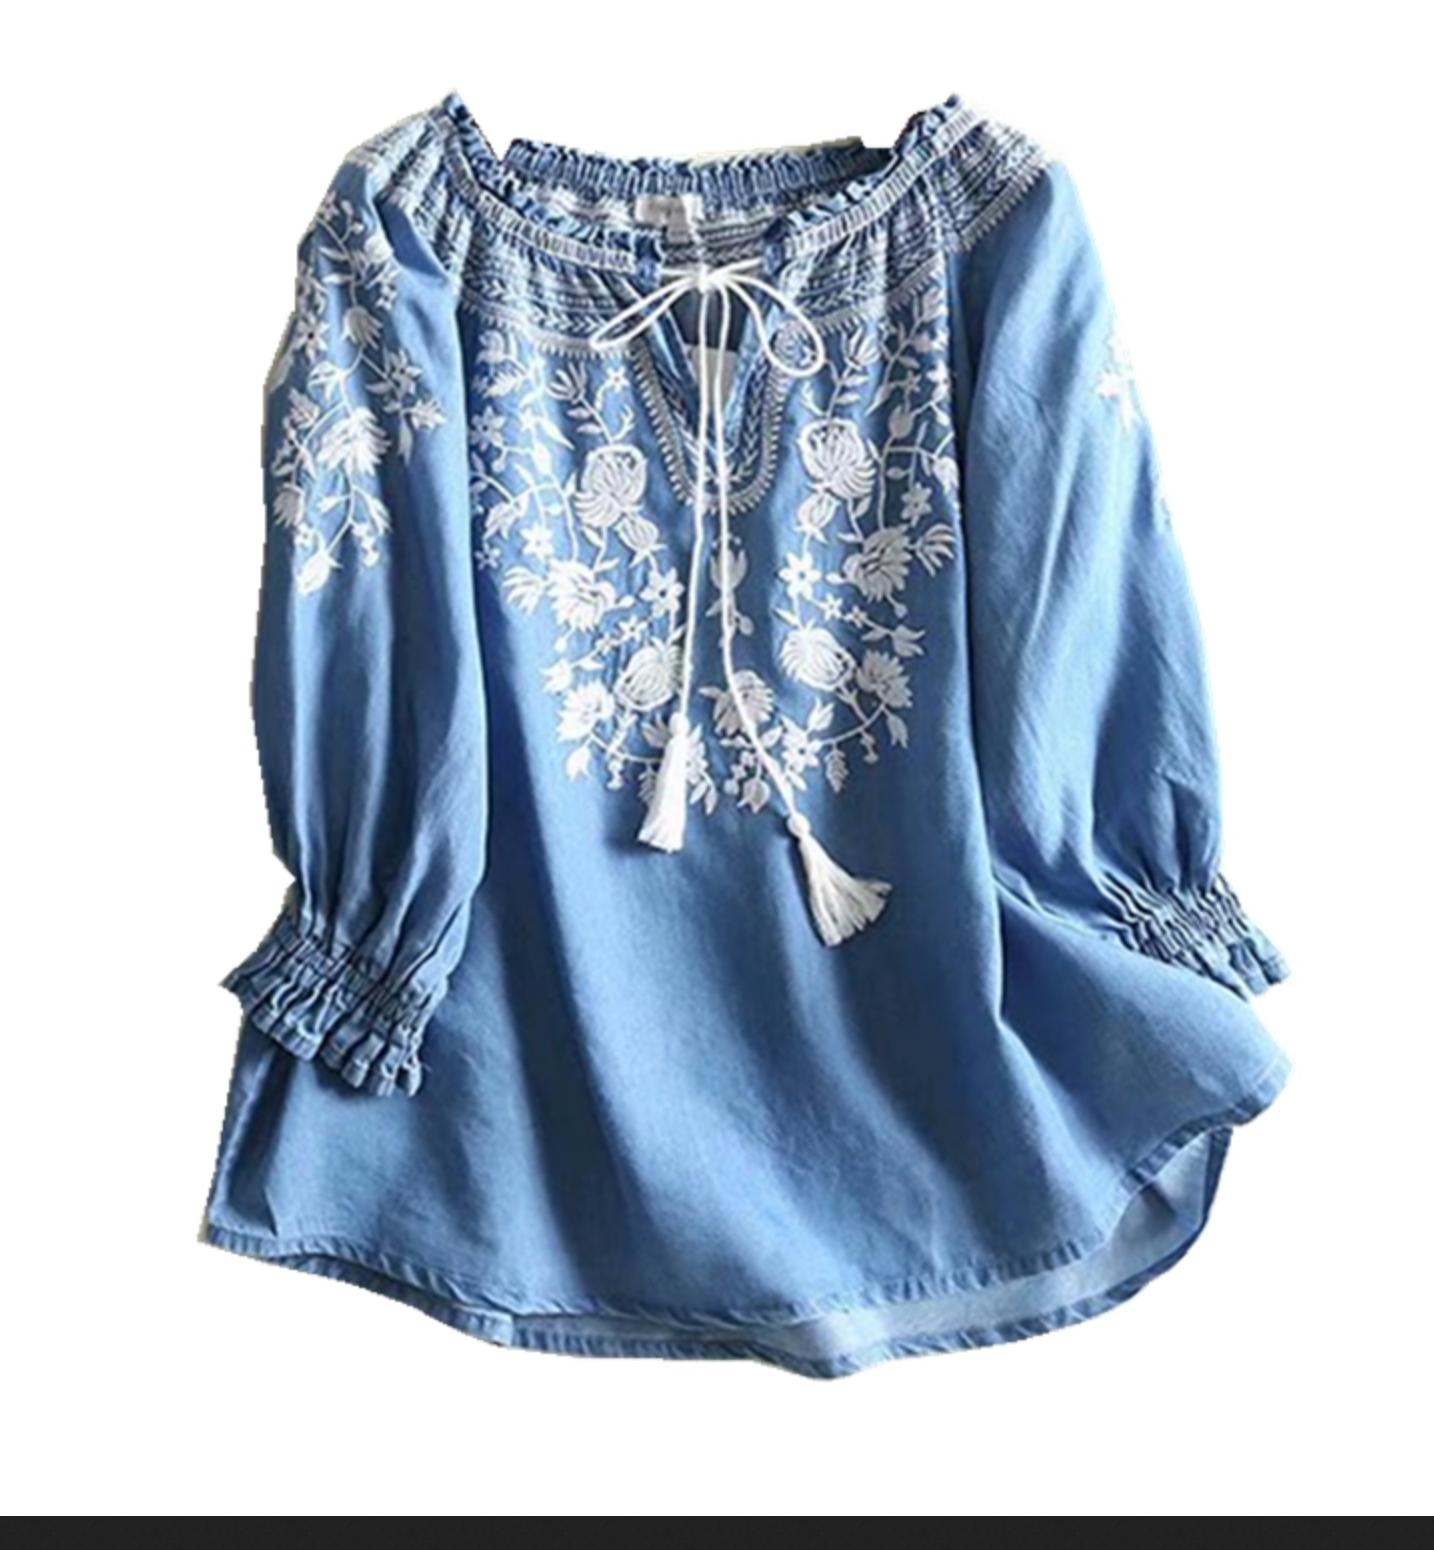 Blouse tencel brodée boho boheme chic blouse0142